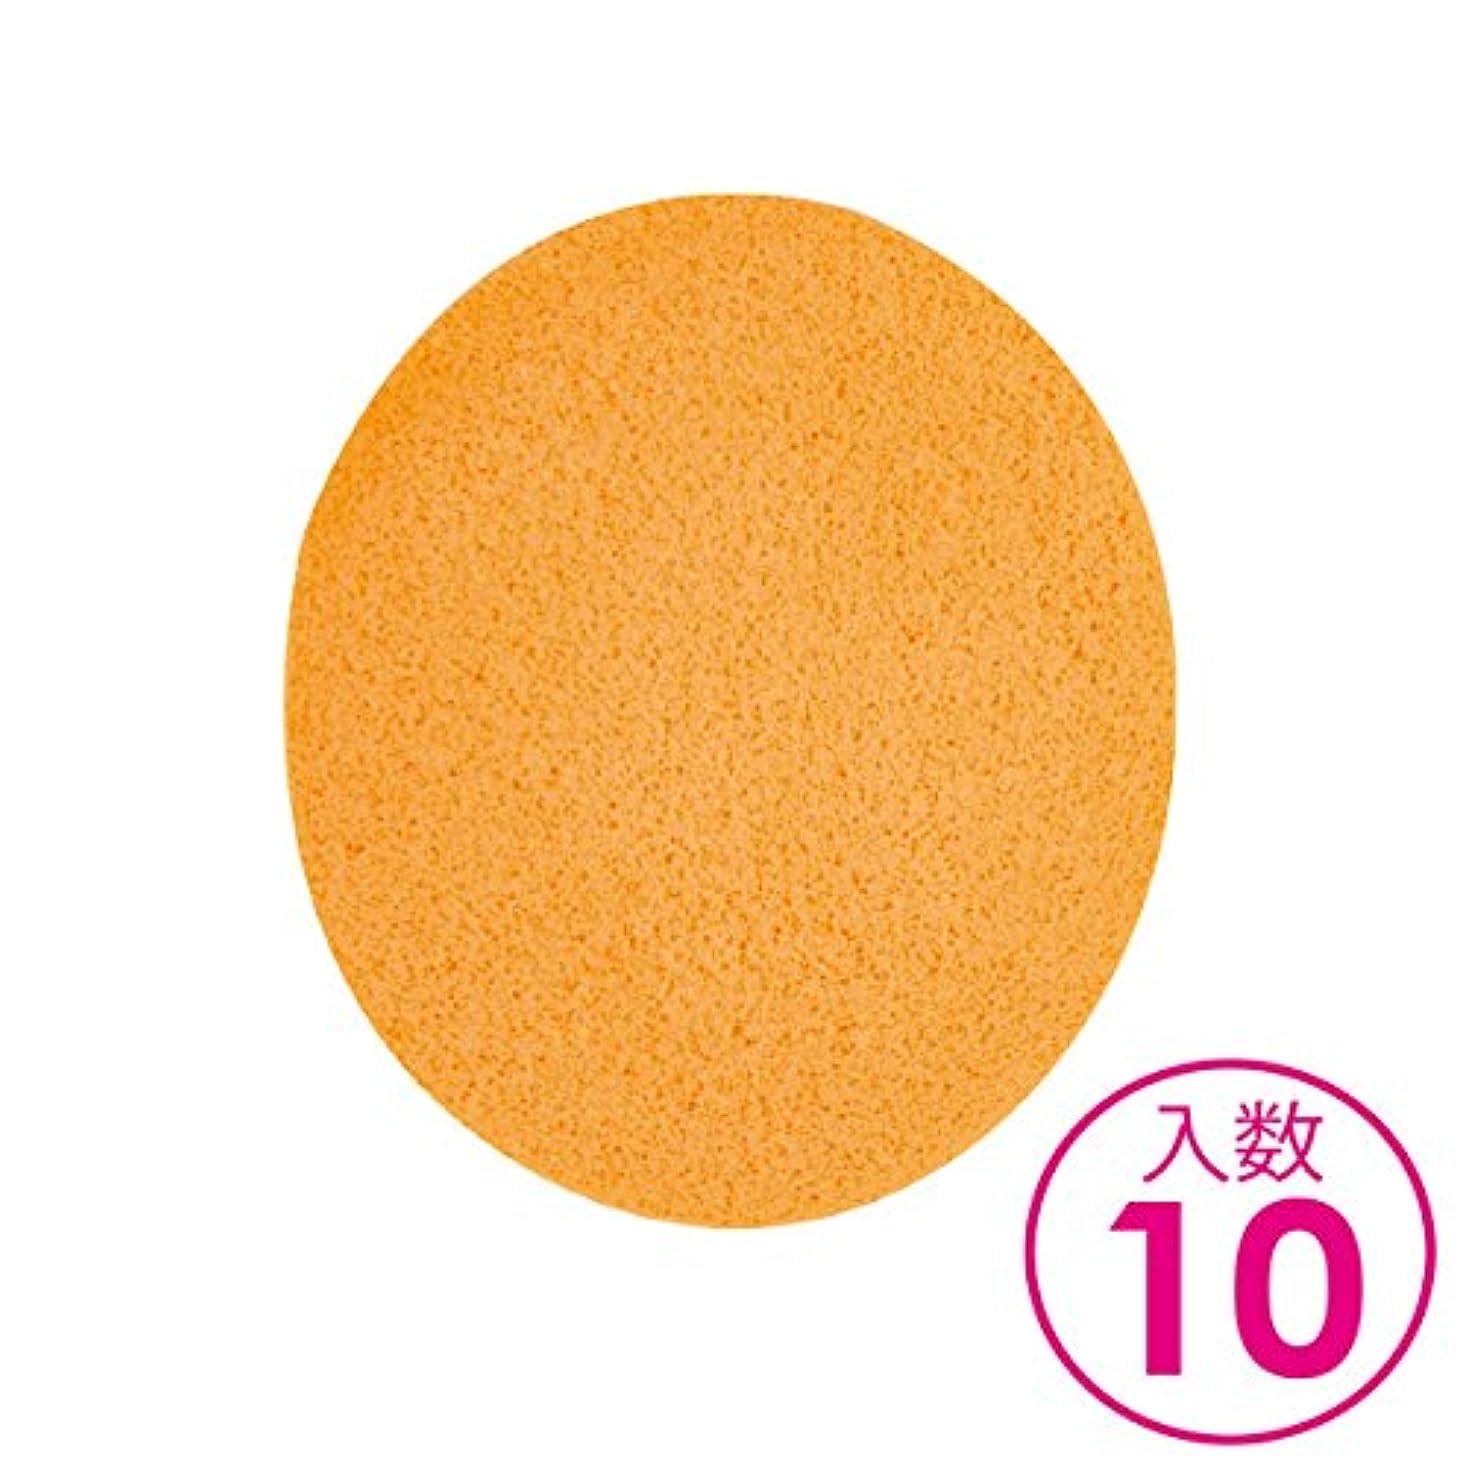 ほのめかすバルコニー実行可能ボディスポンジ 幅120×長さ140×厚み10mm (きめ粗い) 10枚入 オレンジ [ ボディスポンジ ボディ用スポンジ マッサージスポンジ ボディ ボディー 体用 エステ スポンジ パック 拭き取り 吸水 保水 ]